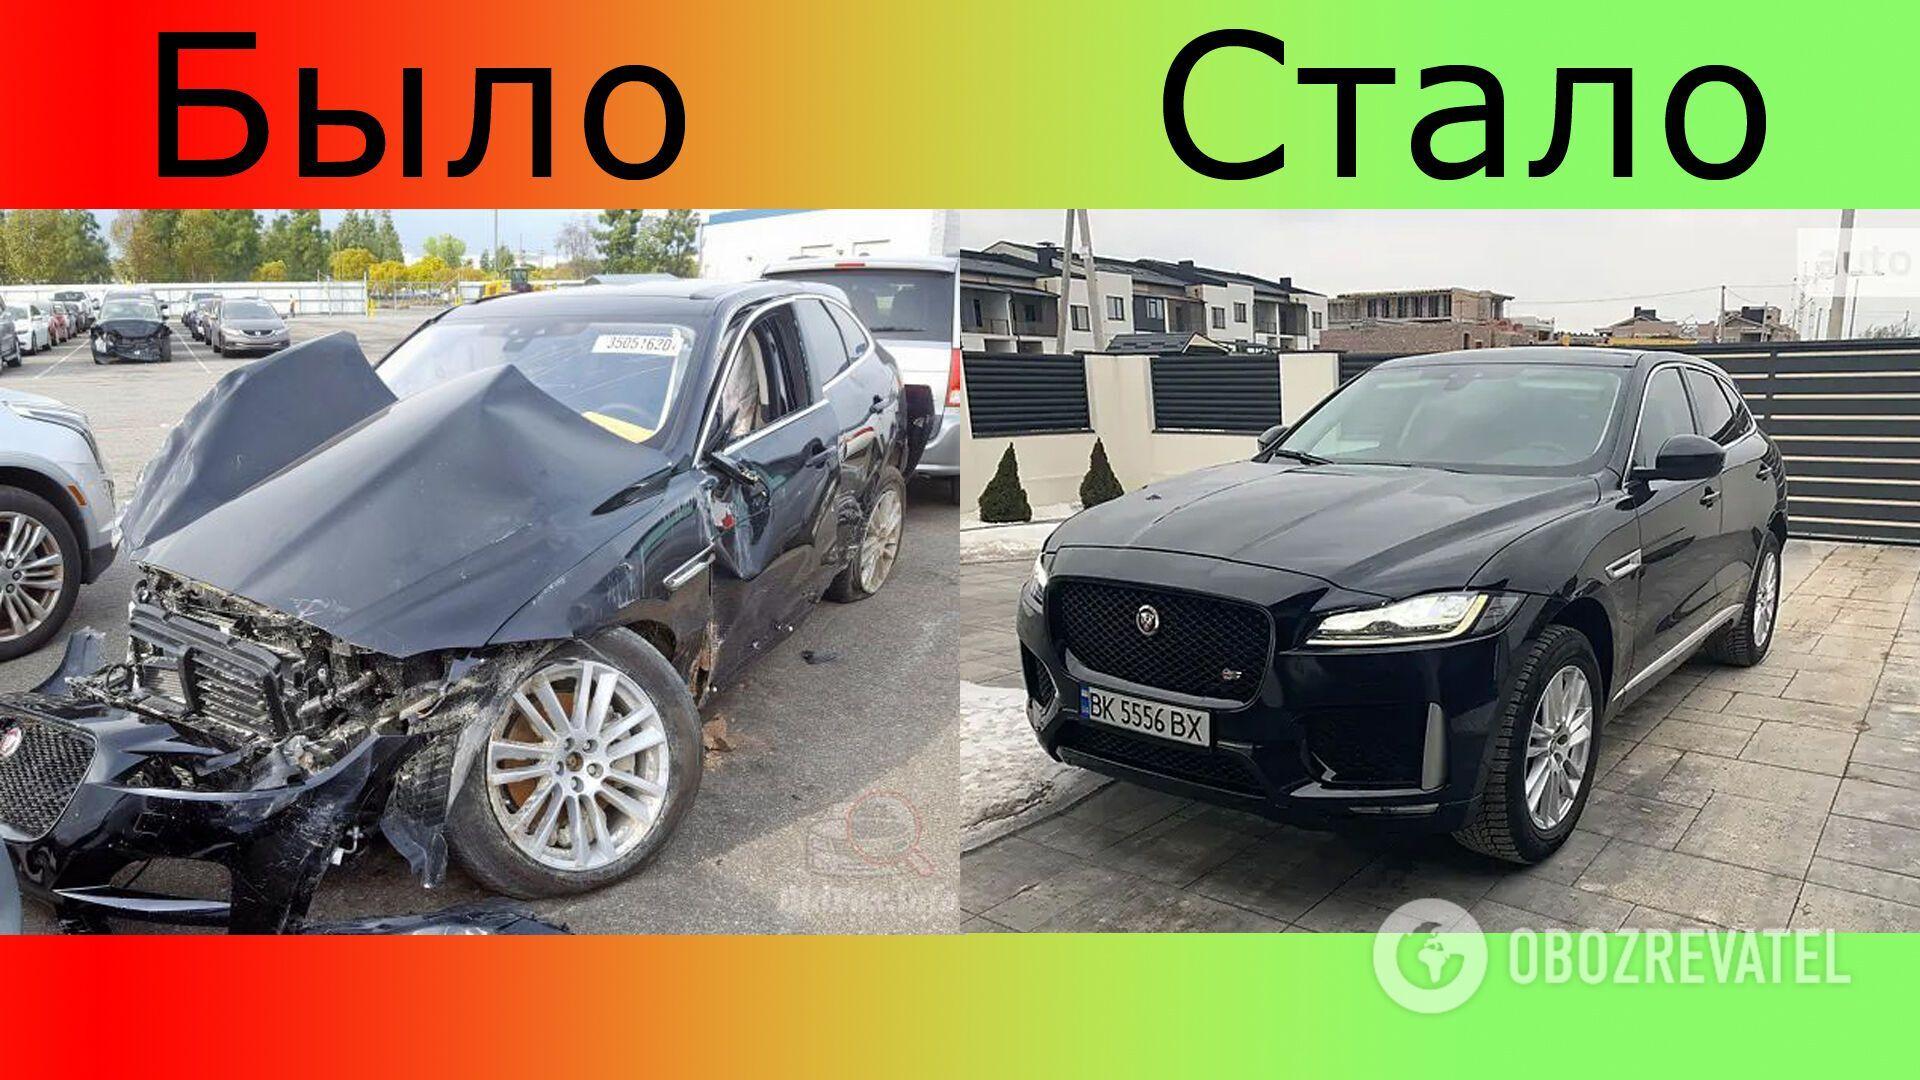 Как было, и как теперь выглядит автомобиль